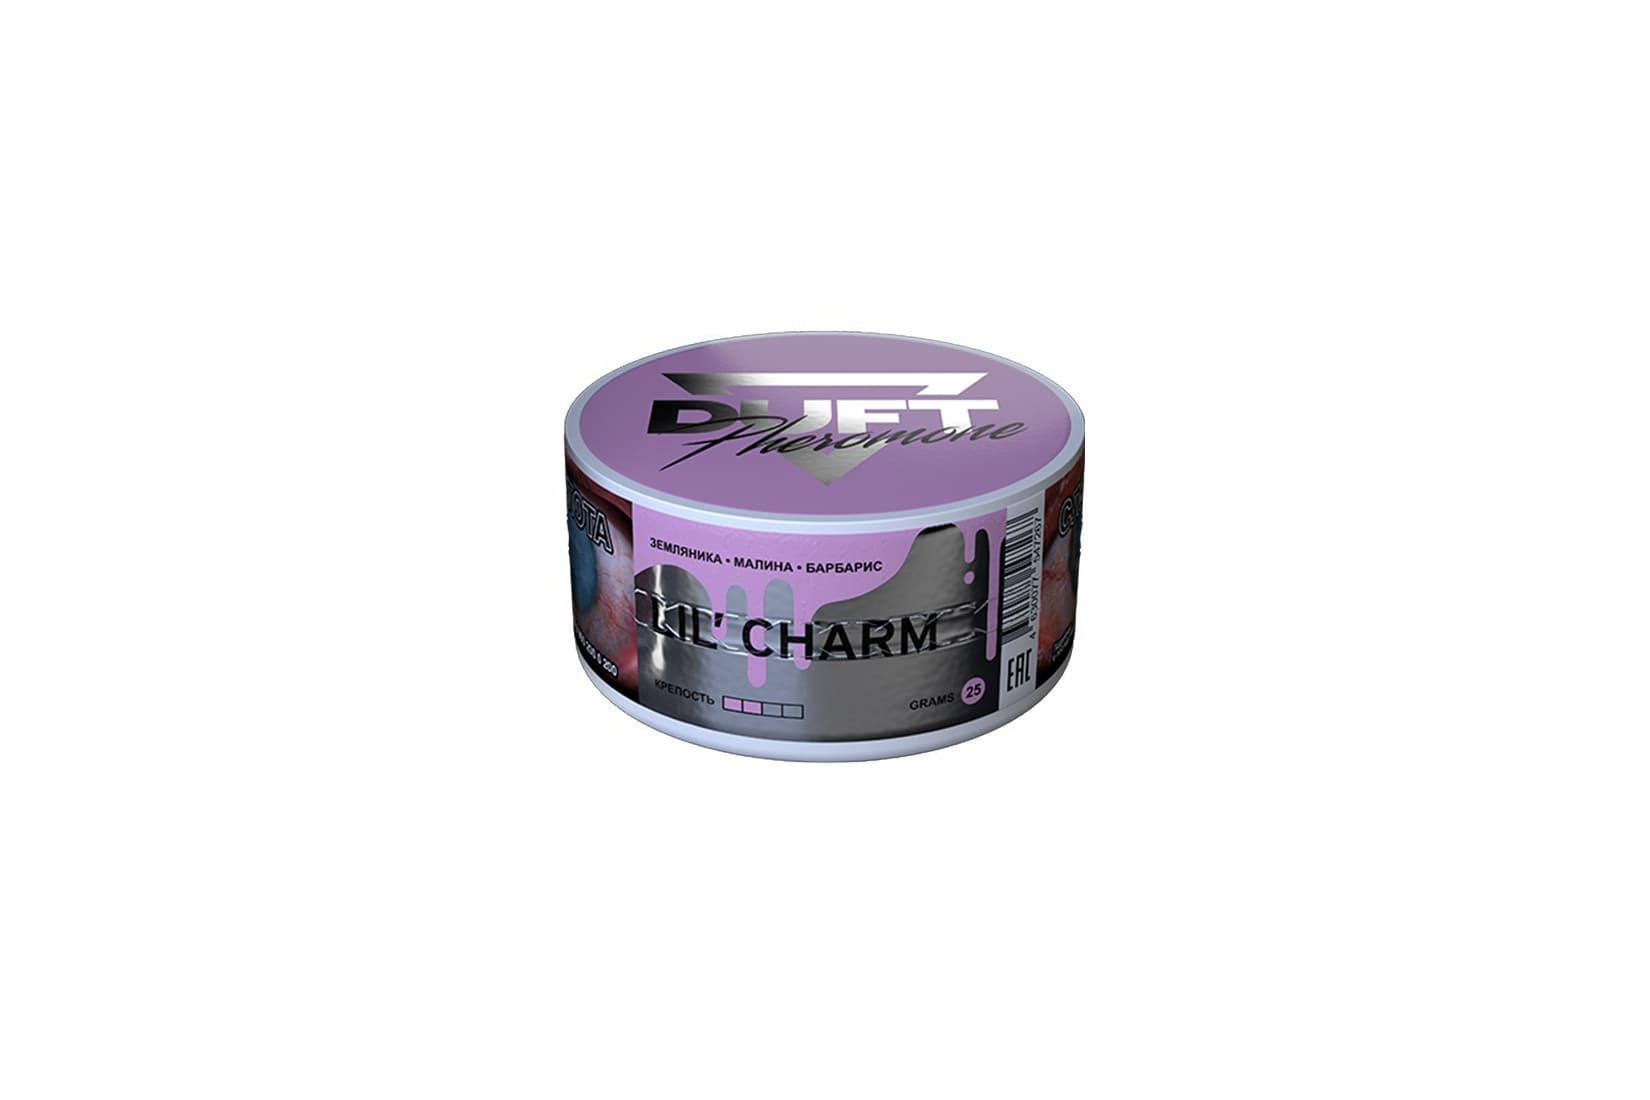 Табак для кальяна Duft Pheromon LIL' CHARM: описание, миксы, отзывы